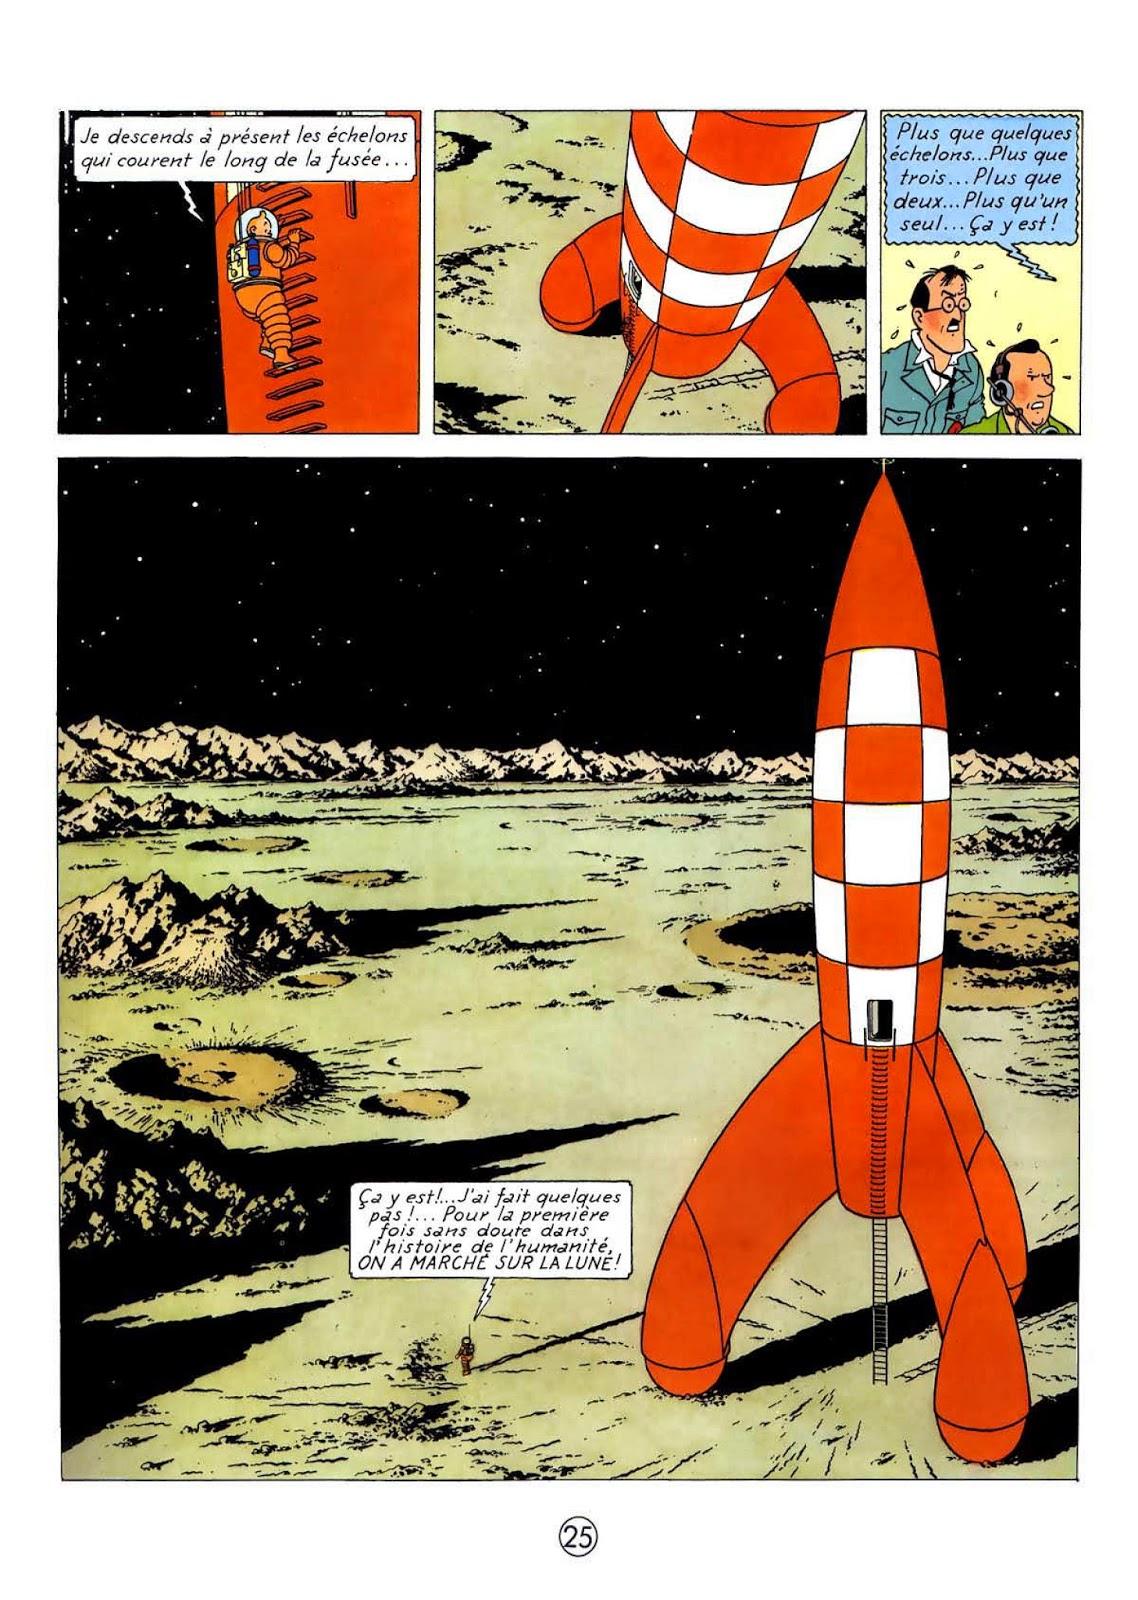 tintin on a marche sur la lune histoire des arts